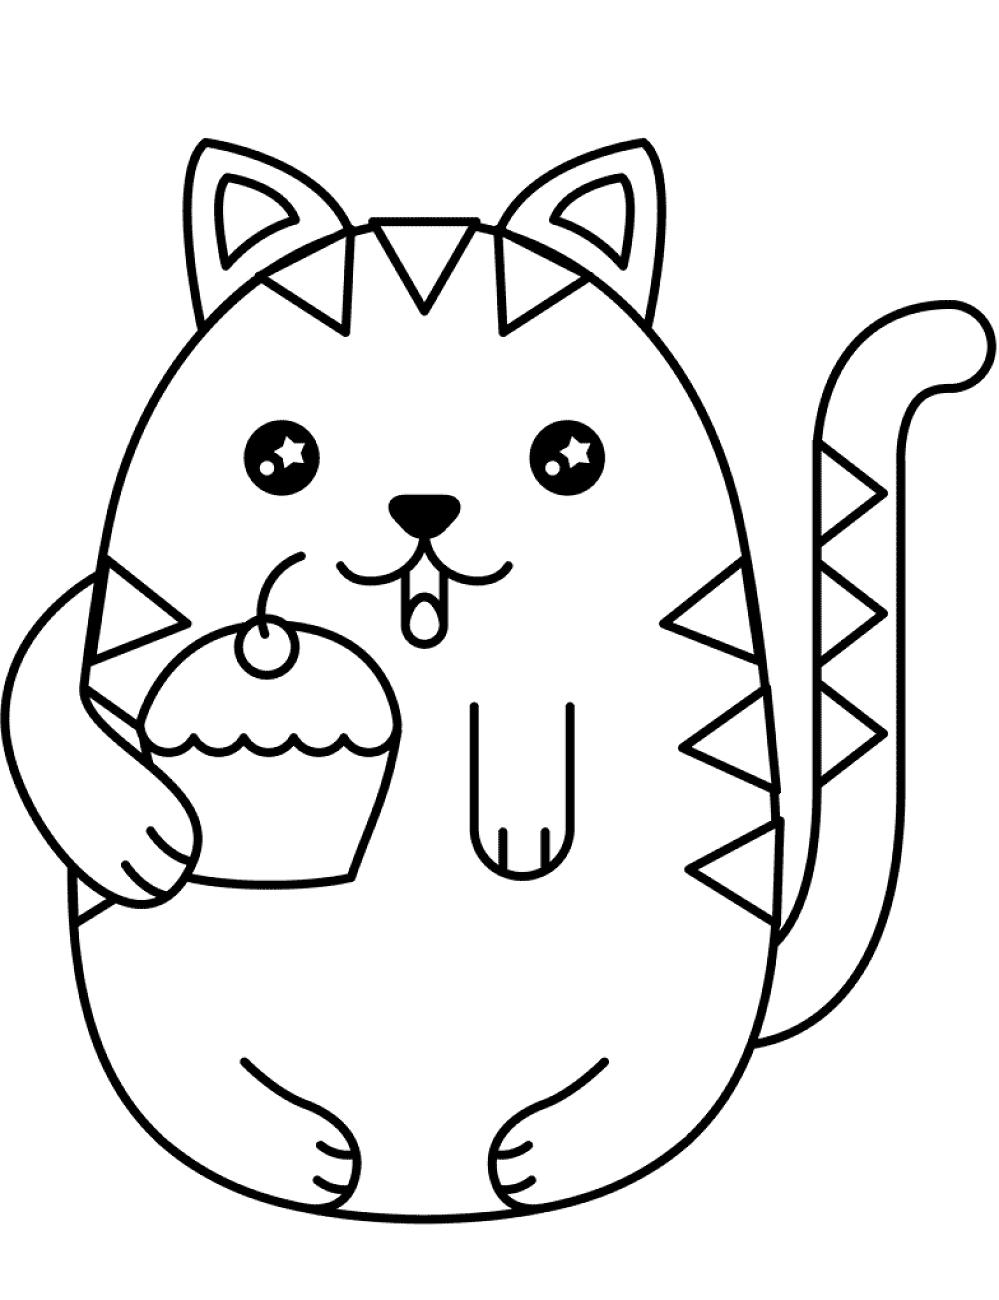 Dibujos De Gato Gordo Kawaii Para Colorear Pintar E